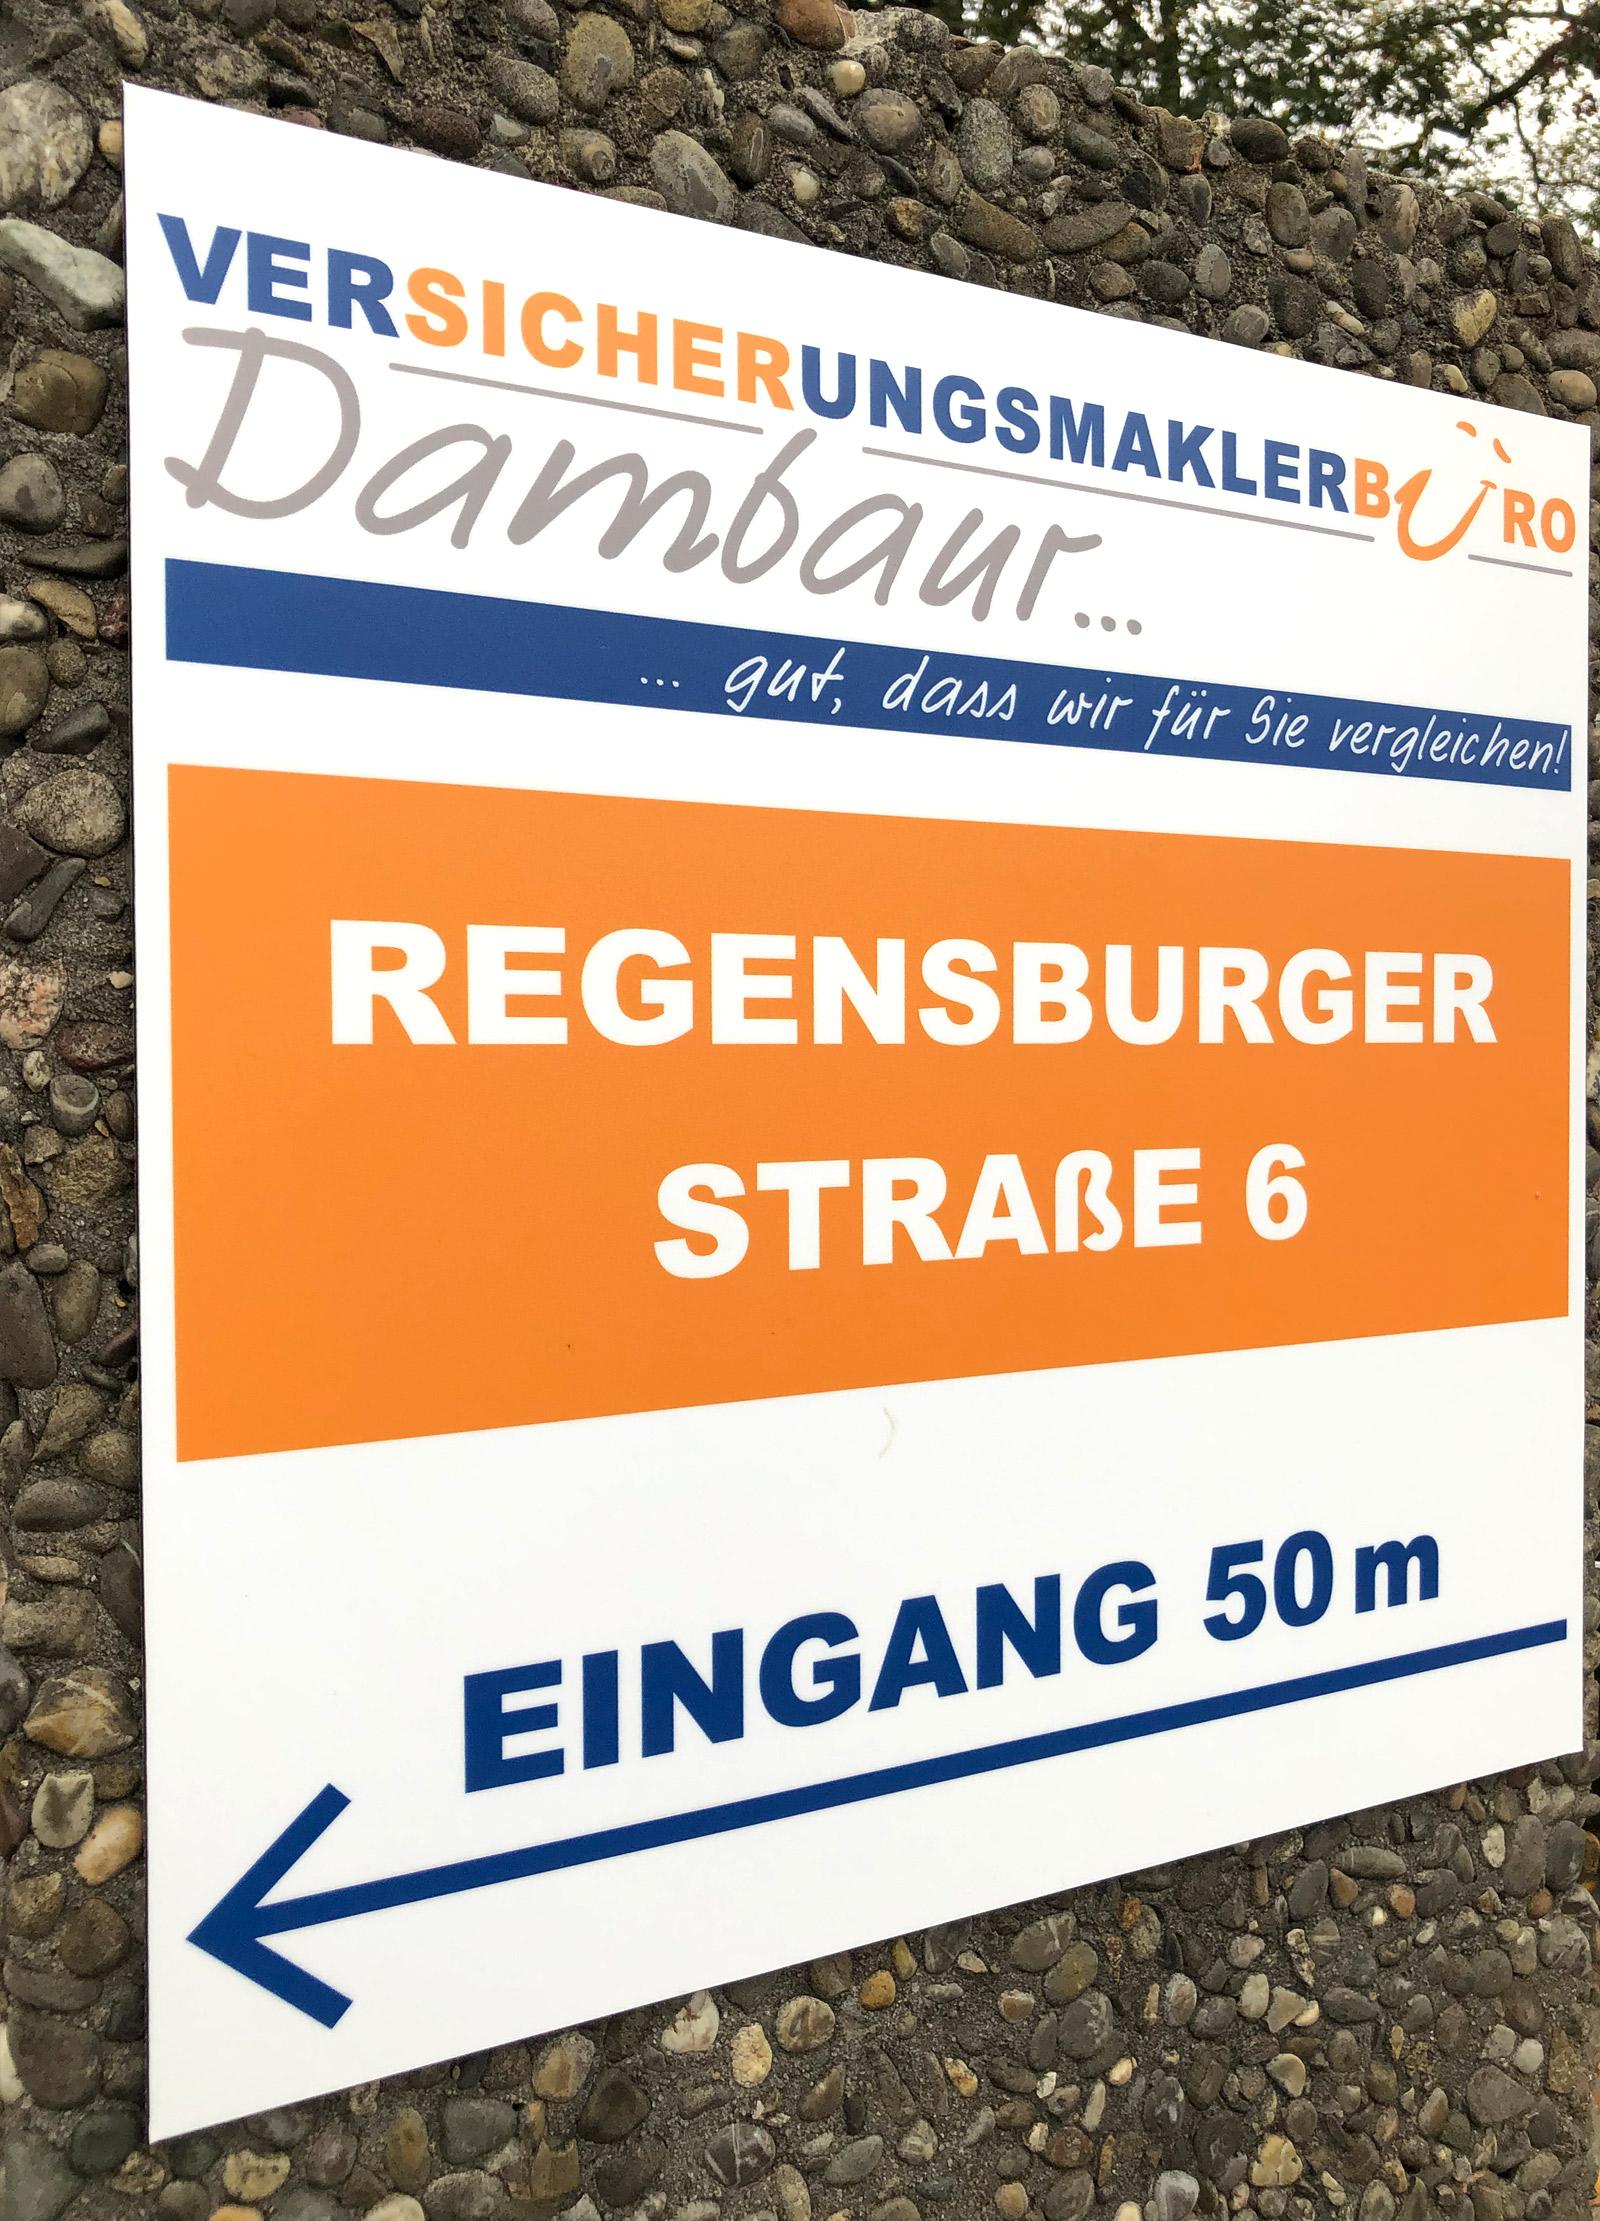 Schild auf einem Pfosten von der Firma Dambaur